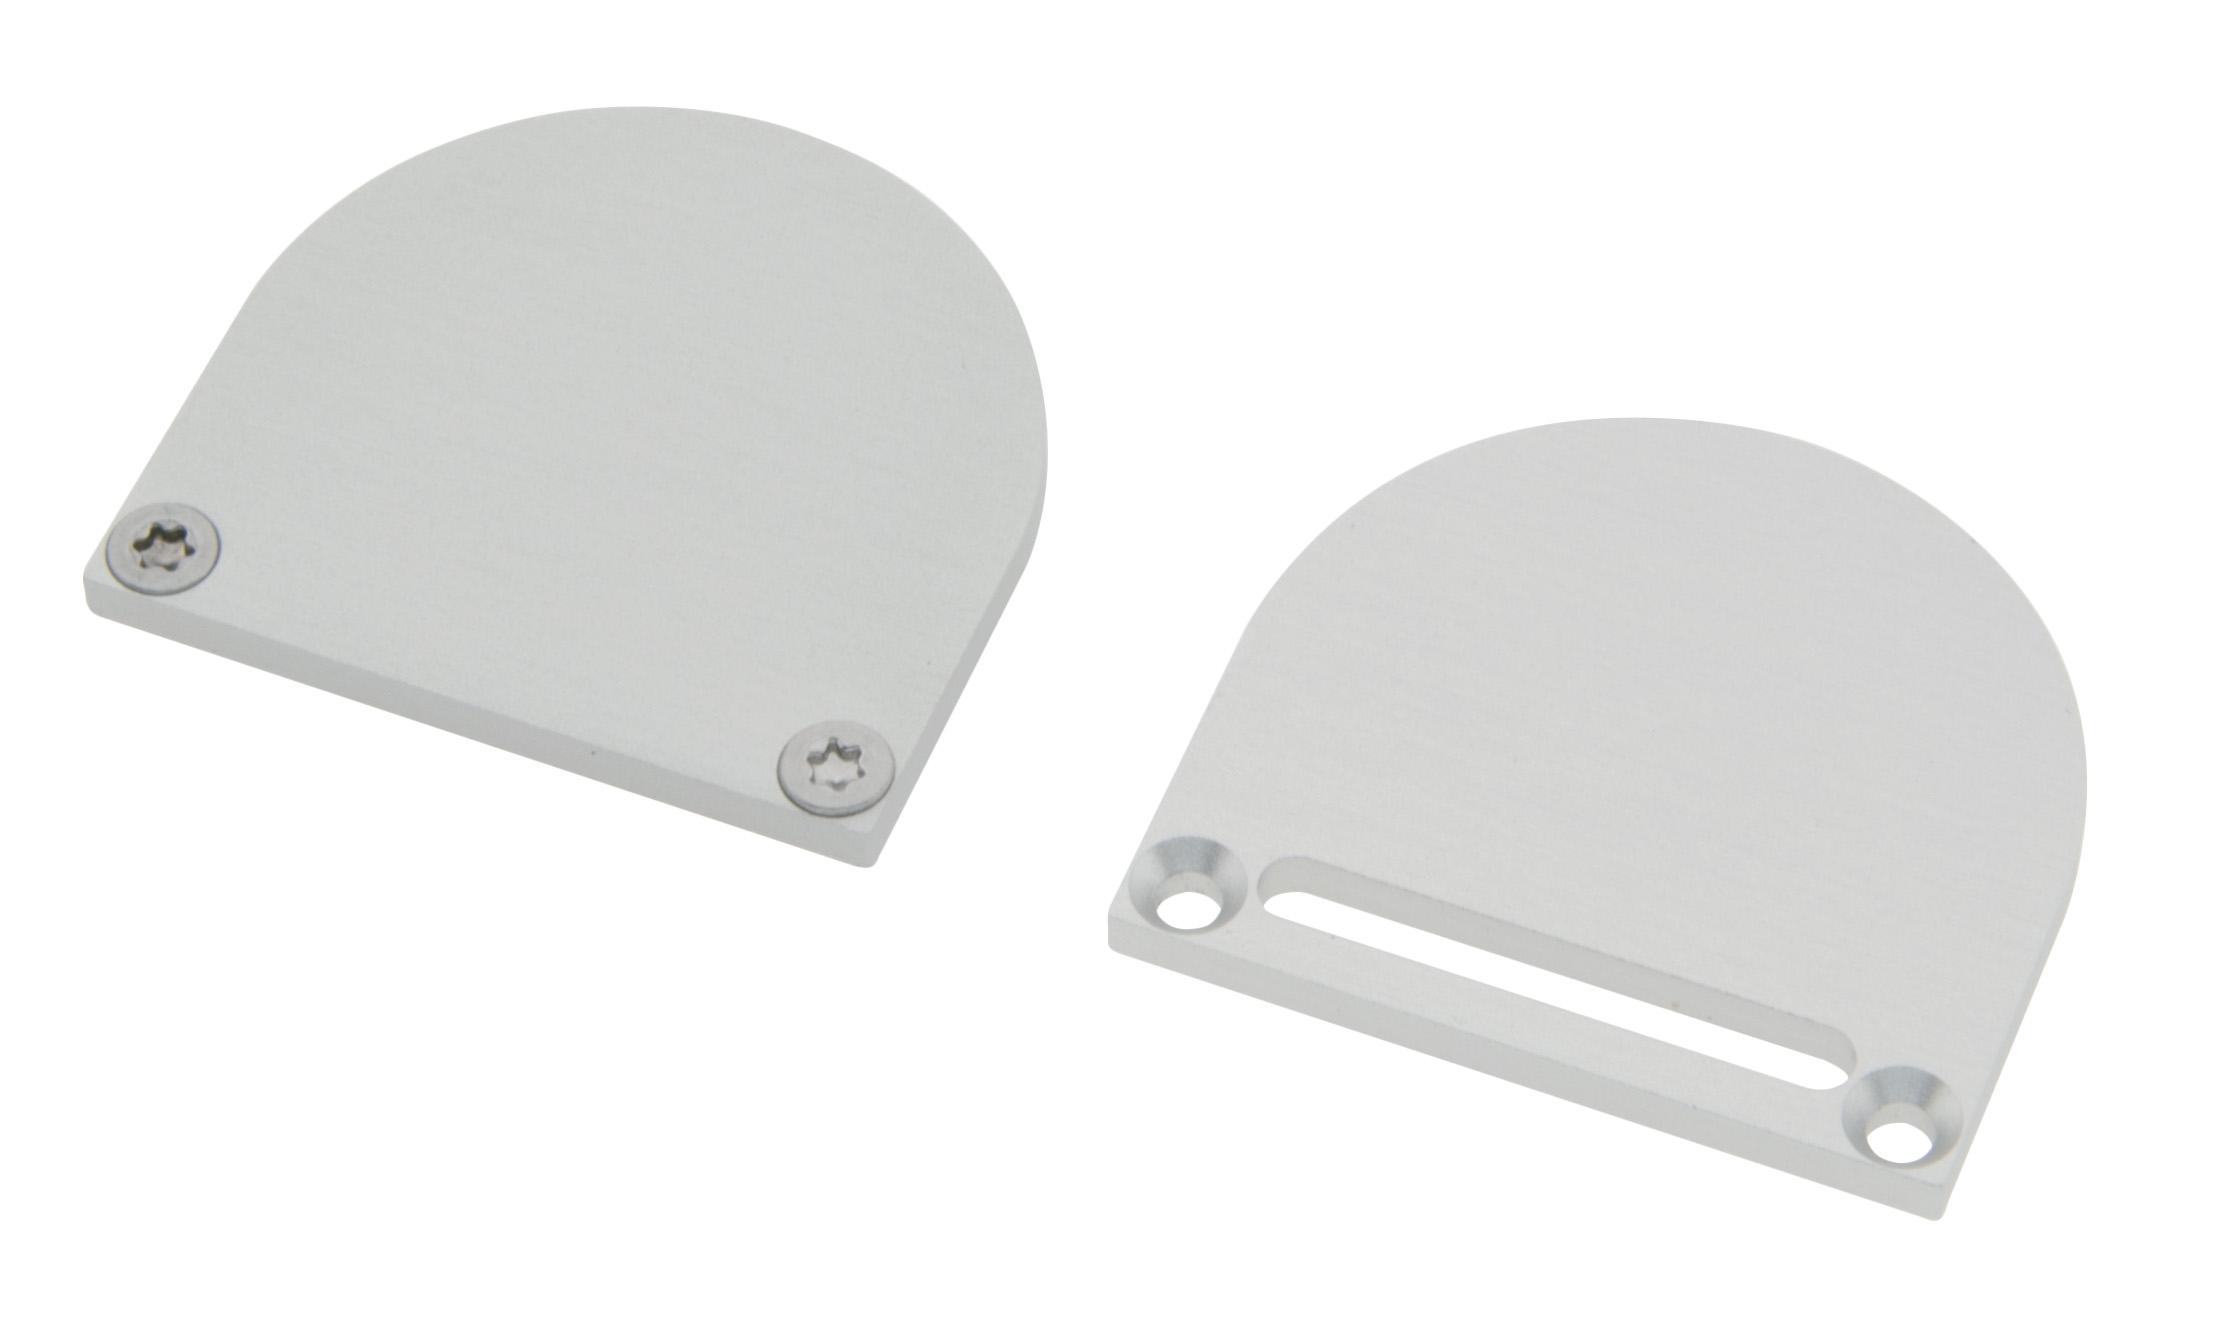 1 Stk Profil Endkappe CLF Rund mit Langloch inkl. Schrauben LIEK006111